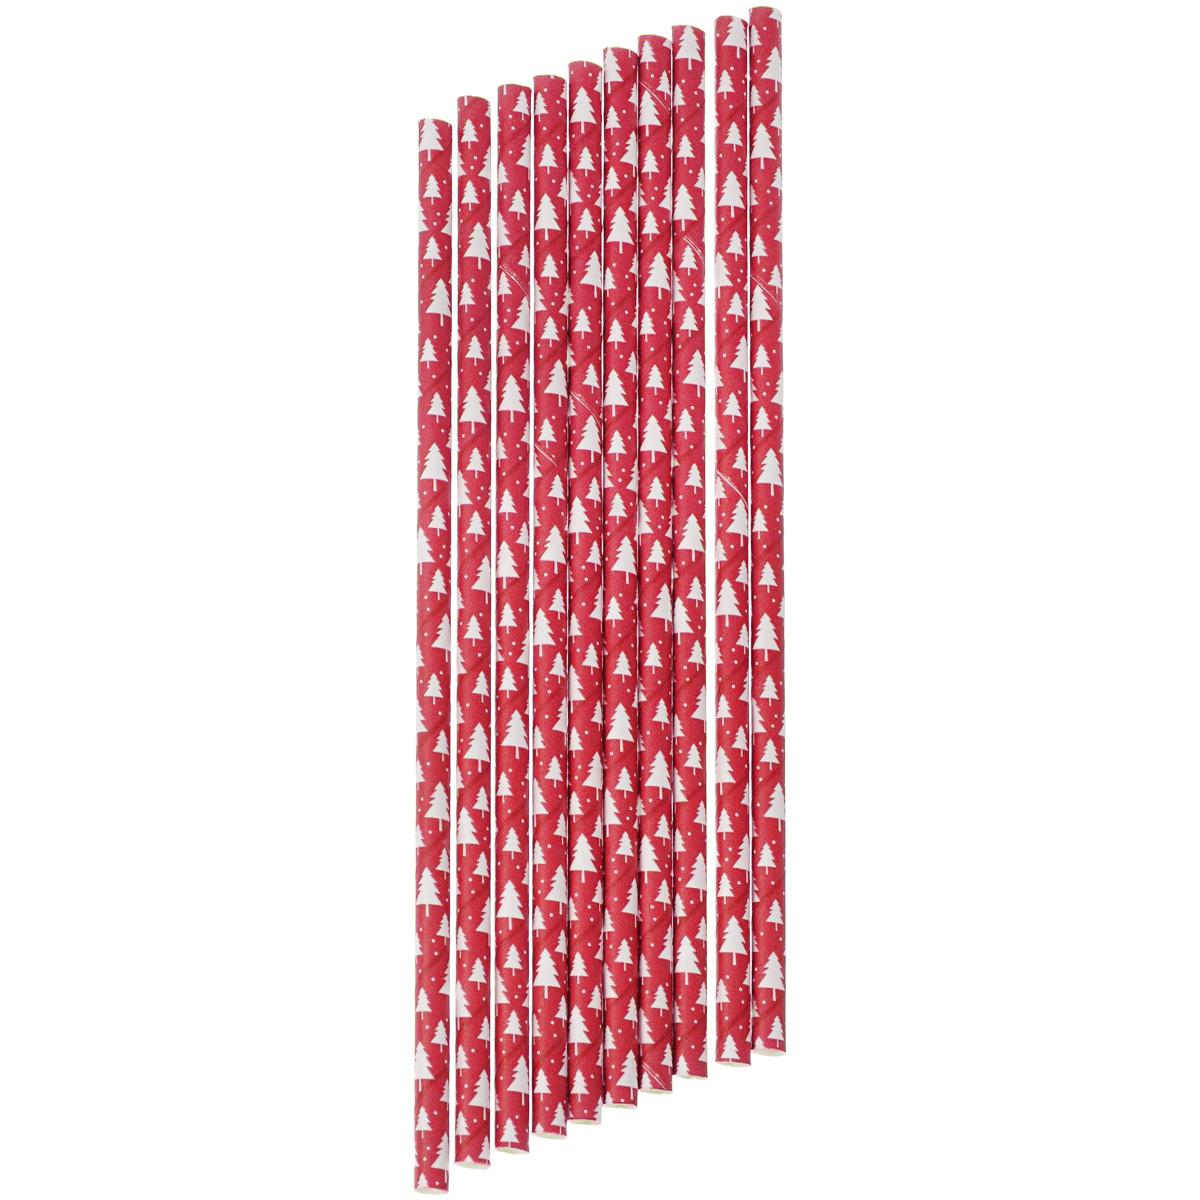 Набор бумажных трубочек Dolce Arti Елки, цвет: красный, 10 штVT-1520(SR)Набор Dolce Arti Елки состоит из 10 бумажных трубочек, предназначенных для напитков. Цветные трубочки станут не только эффектным украшением коктейлей, но и ярким штрихом вашего сладкого стола. С набором Dolce Arti Елки ваш праздник станет по-настоящему красочным!Длина трубочки: 19,5 см. Диаметр трубочки: 5 мм.